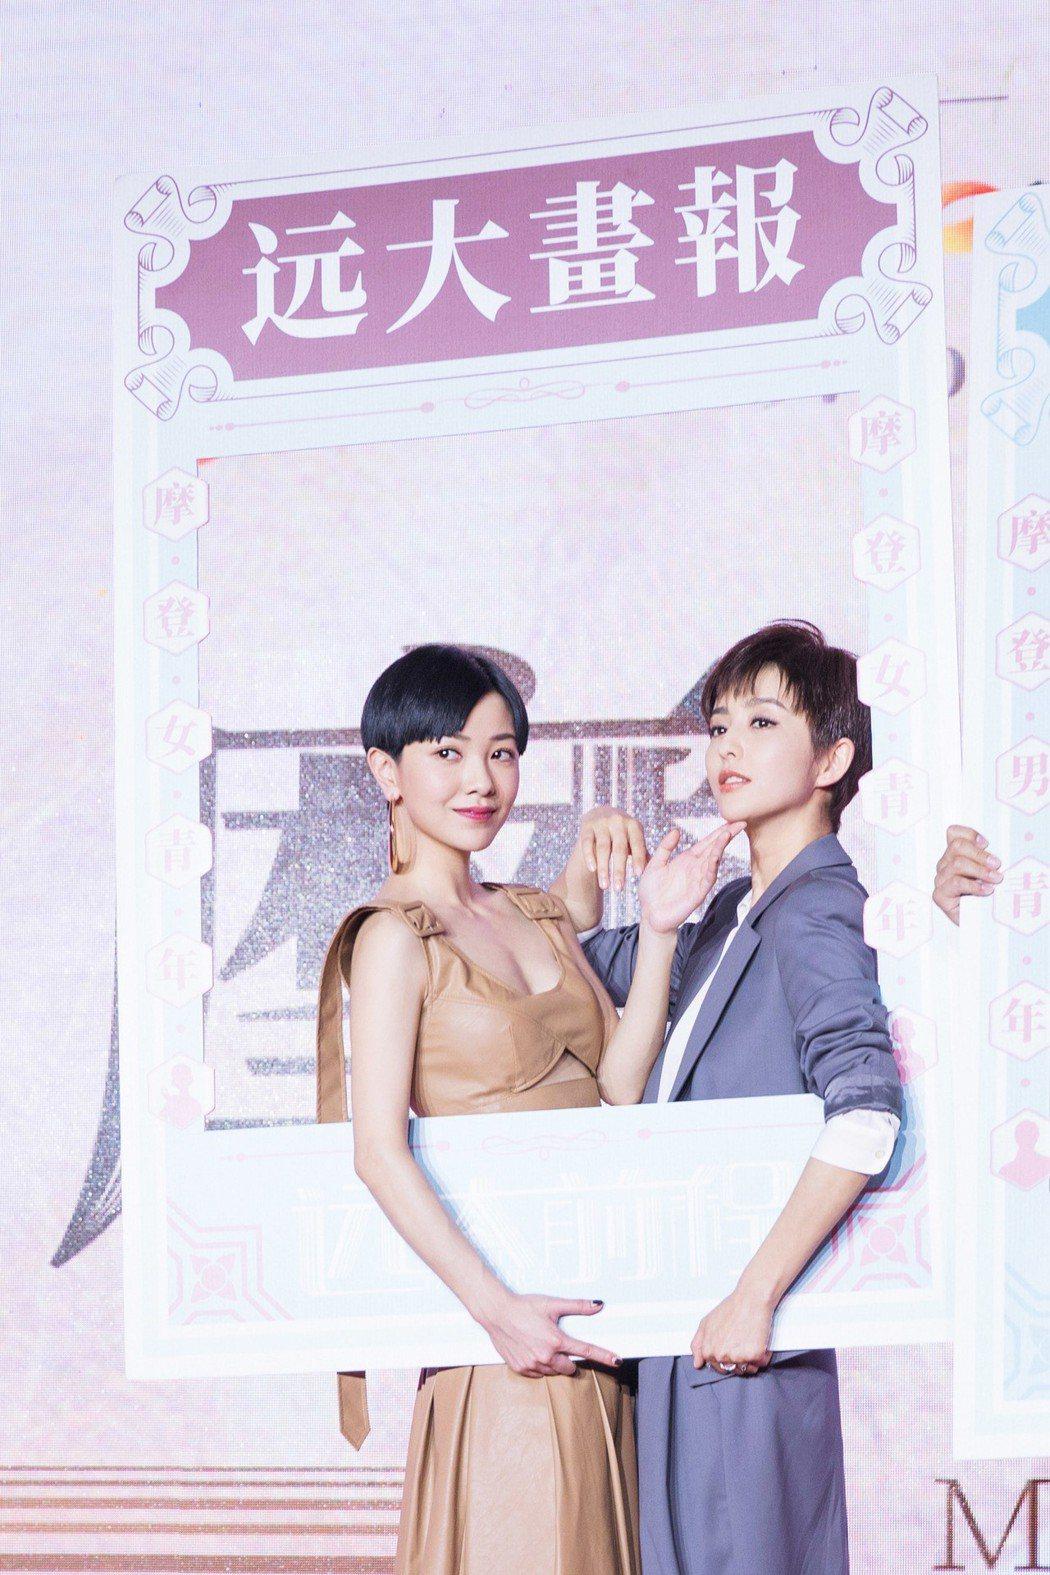 郭采潔(左)與佟麗婭(右)合體拍攝陸劇「遠大前程」。圖/經紀公司提供